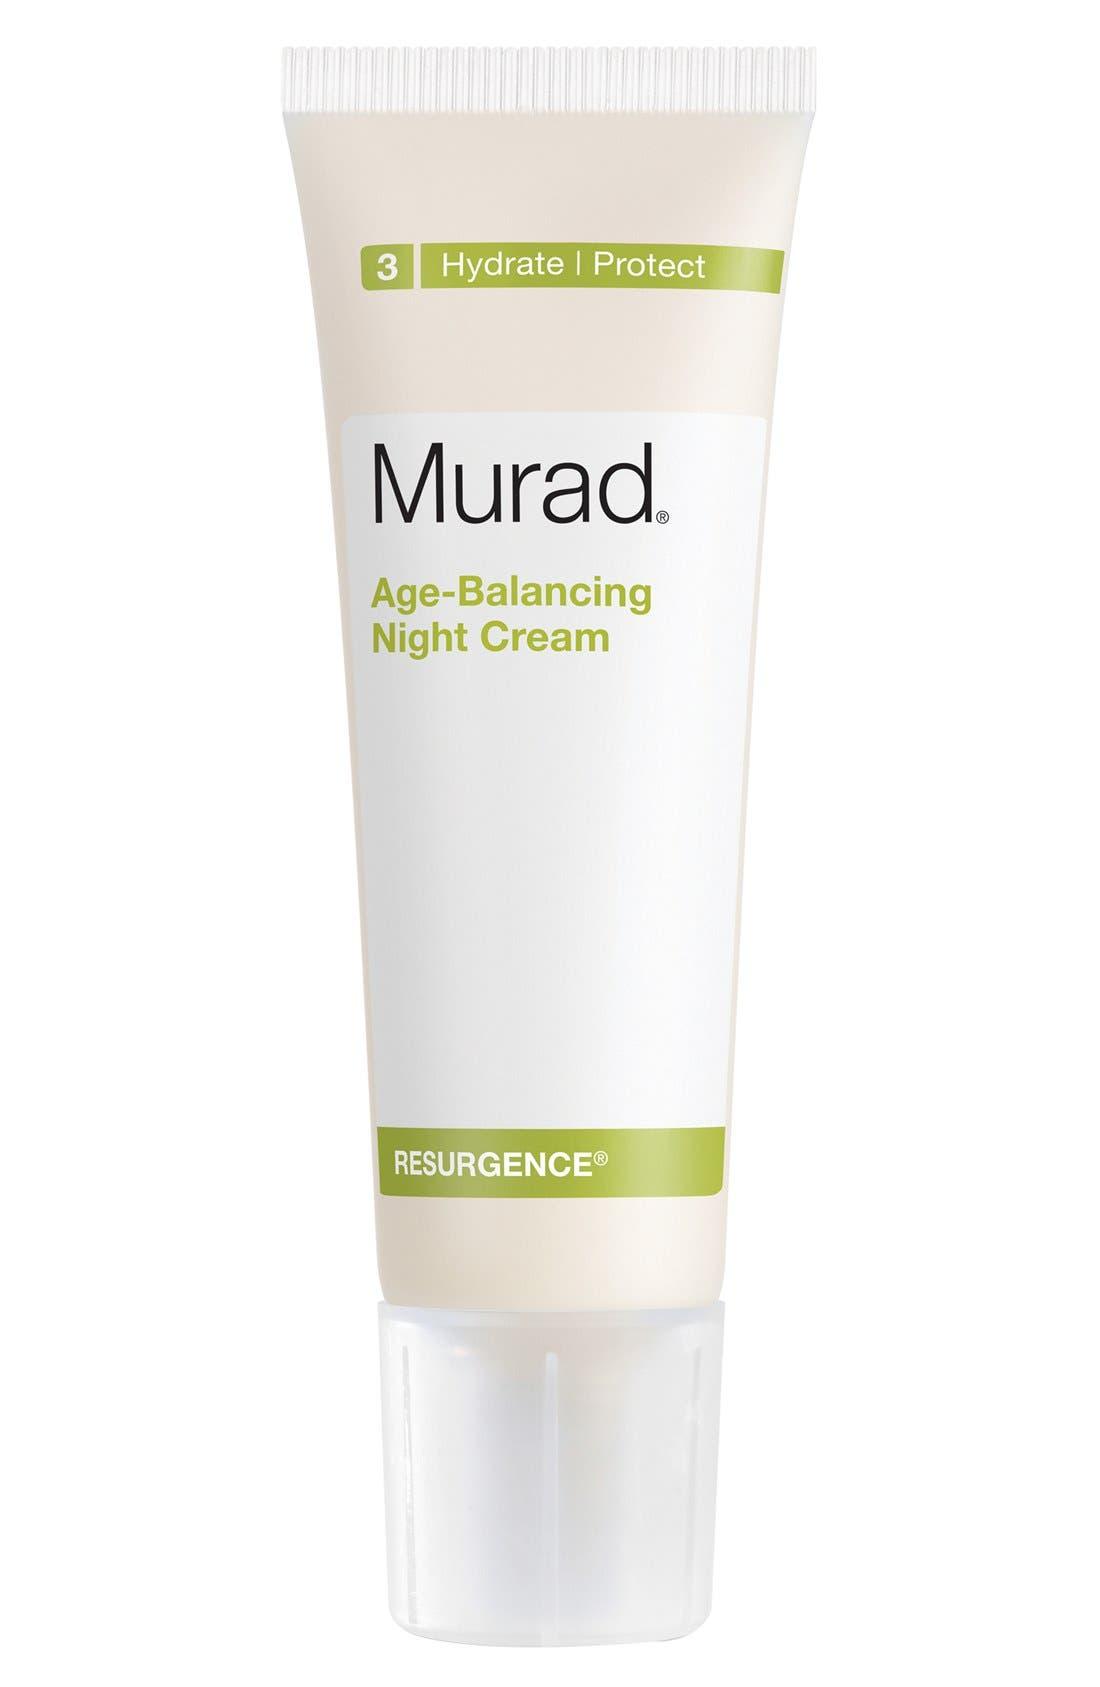 Age-Balancing Night Cream,                             Main thumbnail 1, color,                             NO COLOR